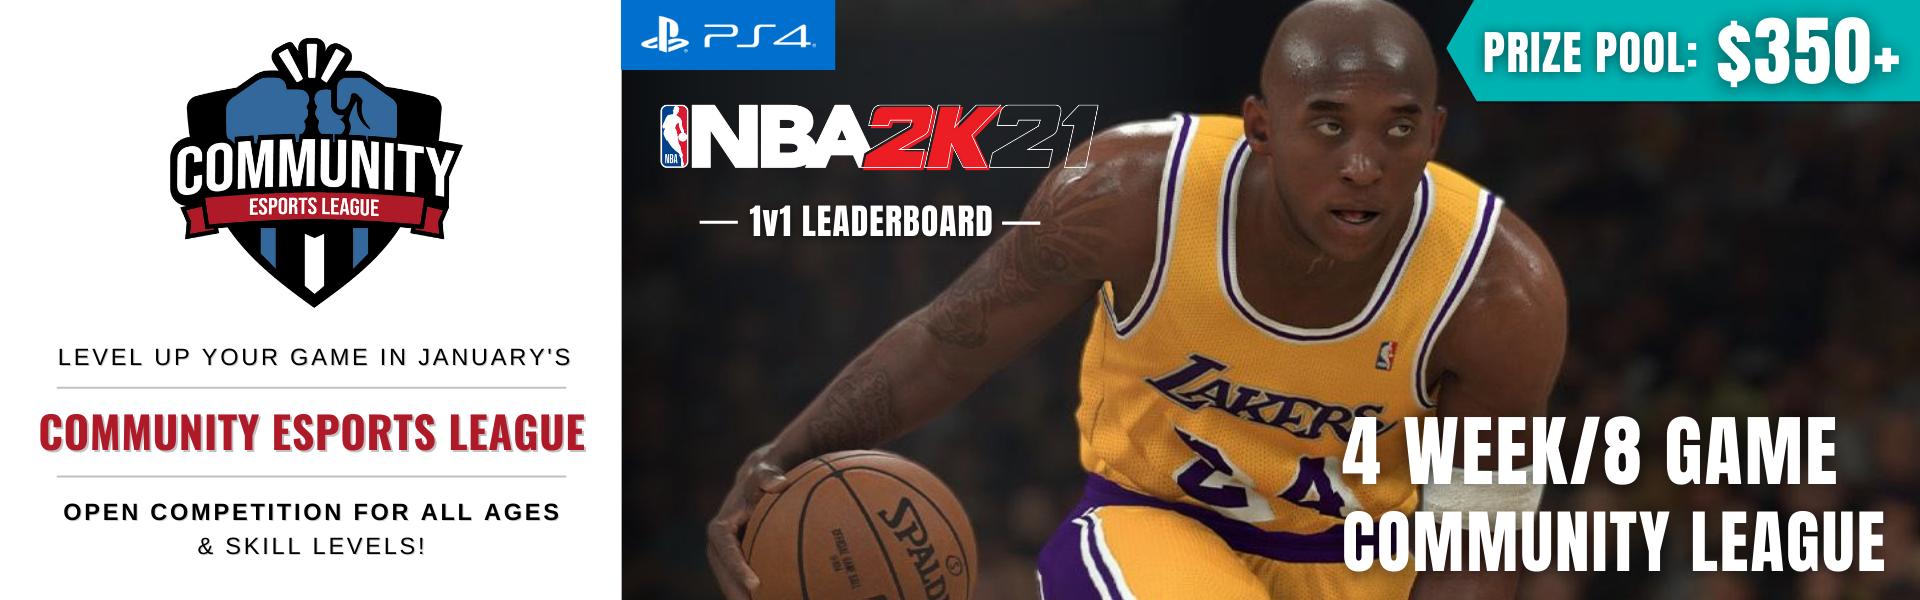 NBA2K21: January 21 – PS4